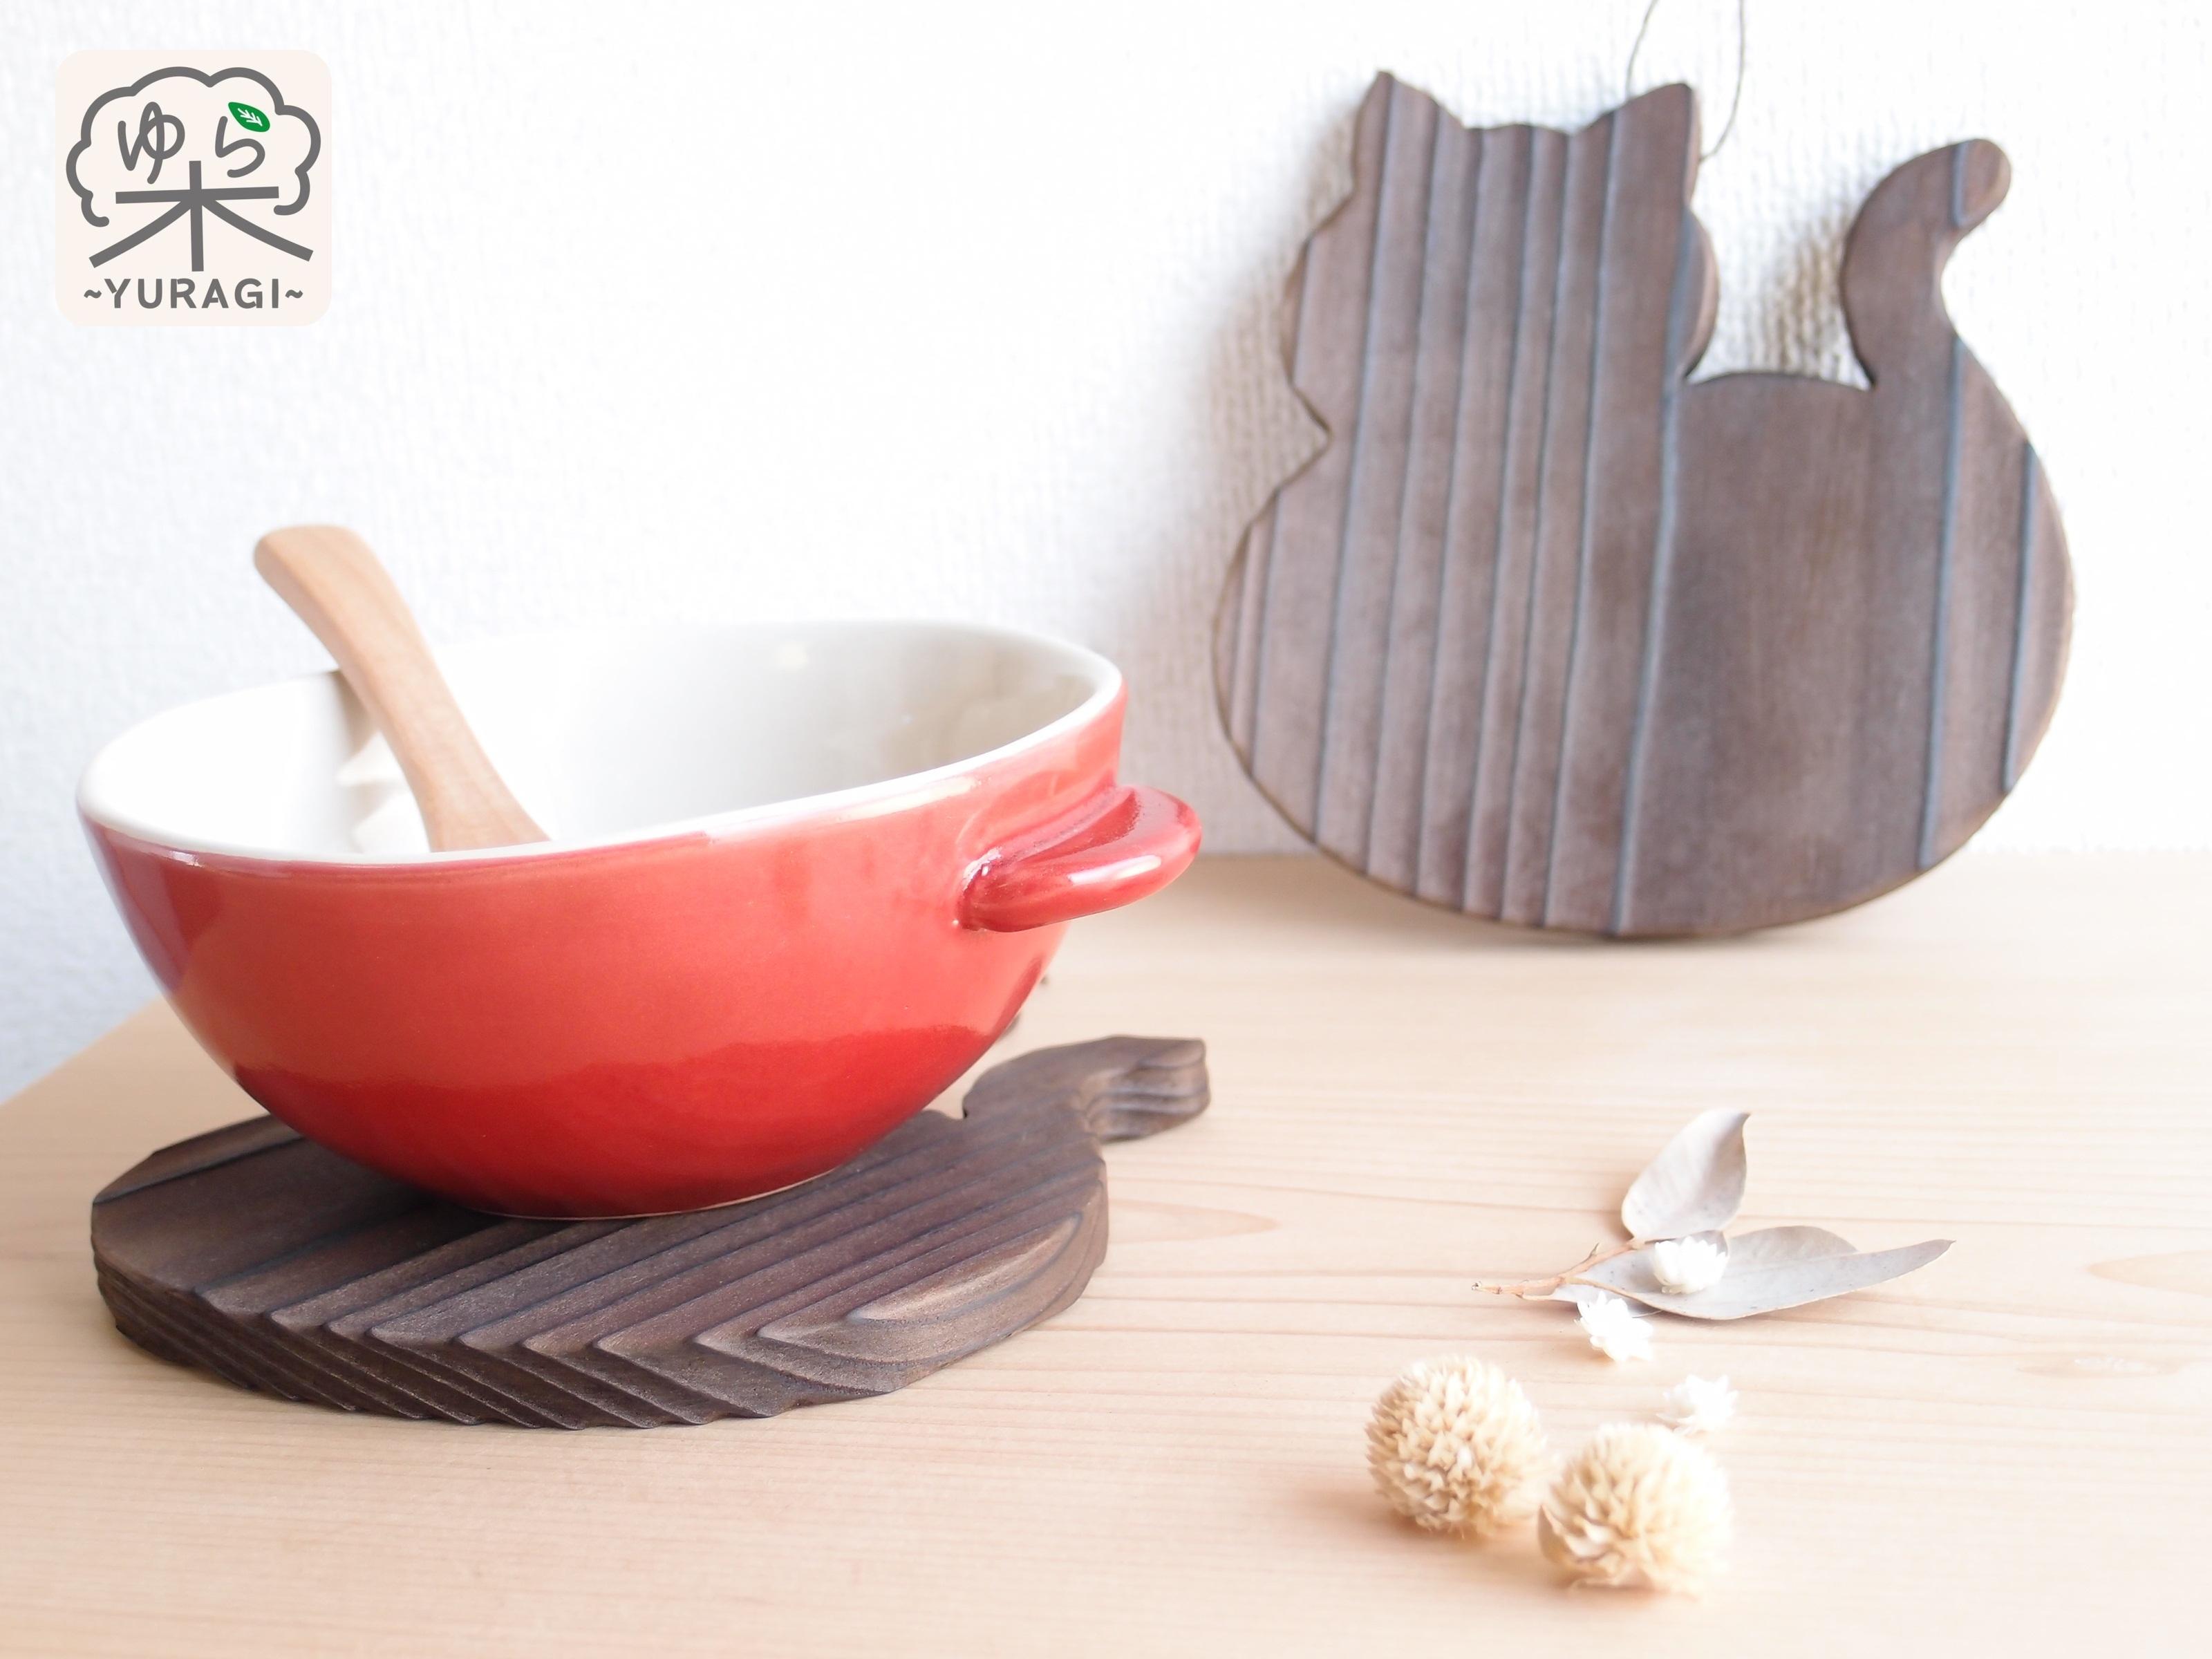 【テーブルの愛猫】まんまるネコ鍋敷き Sサイズ【智頭杉】